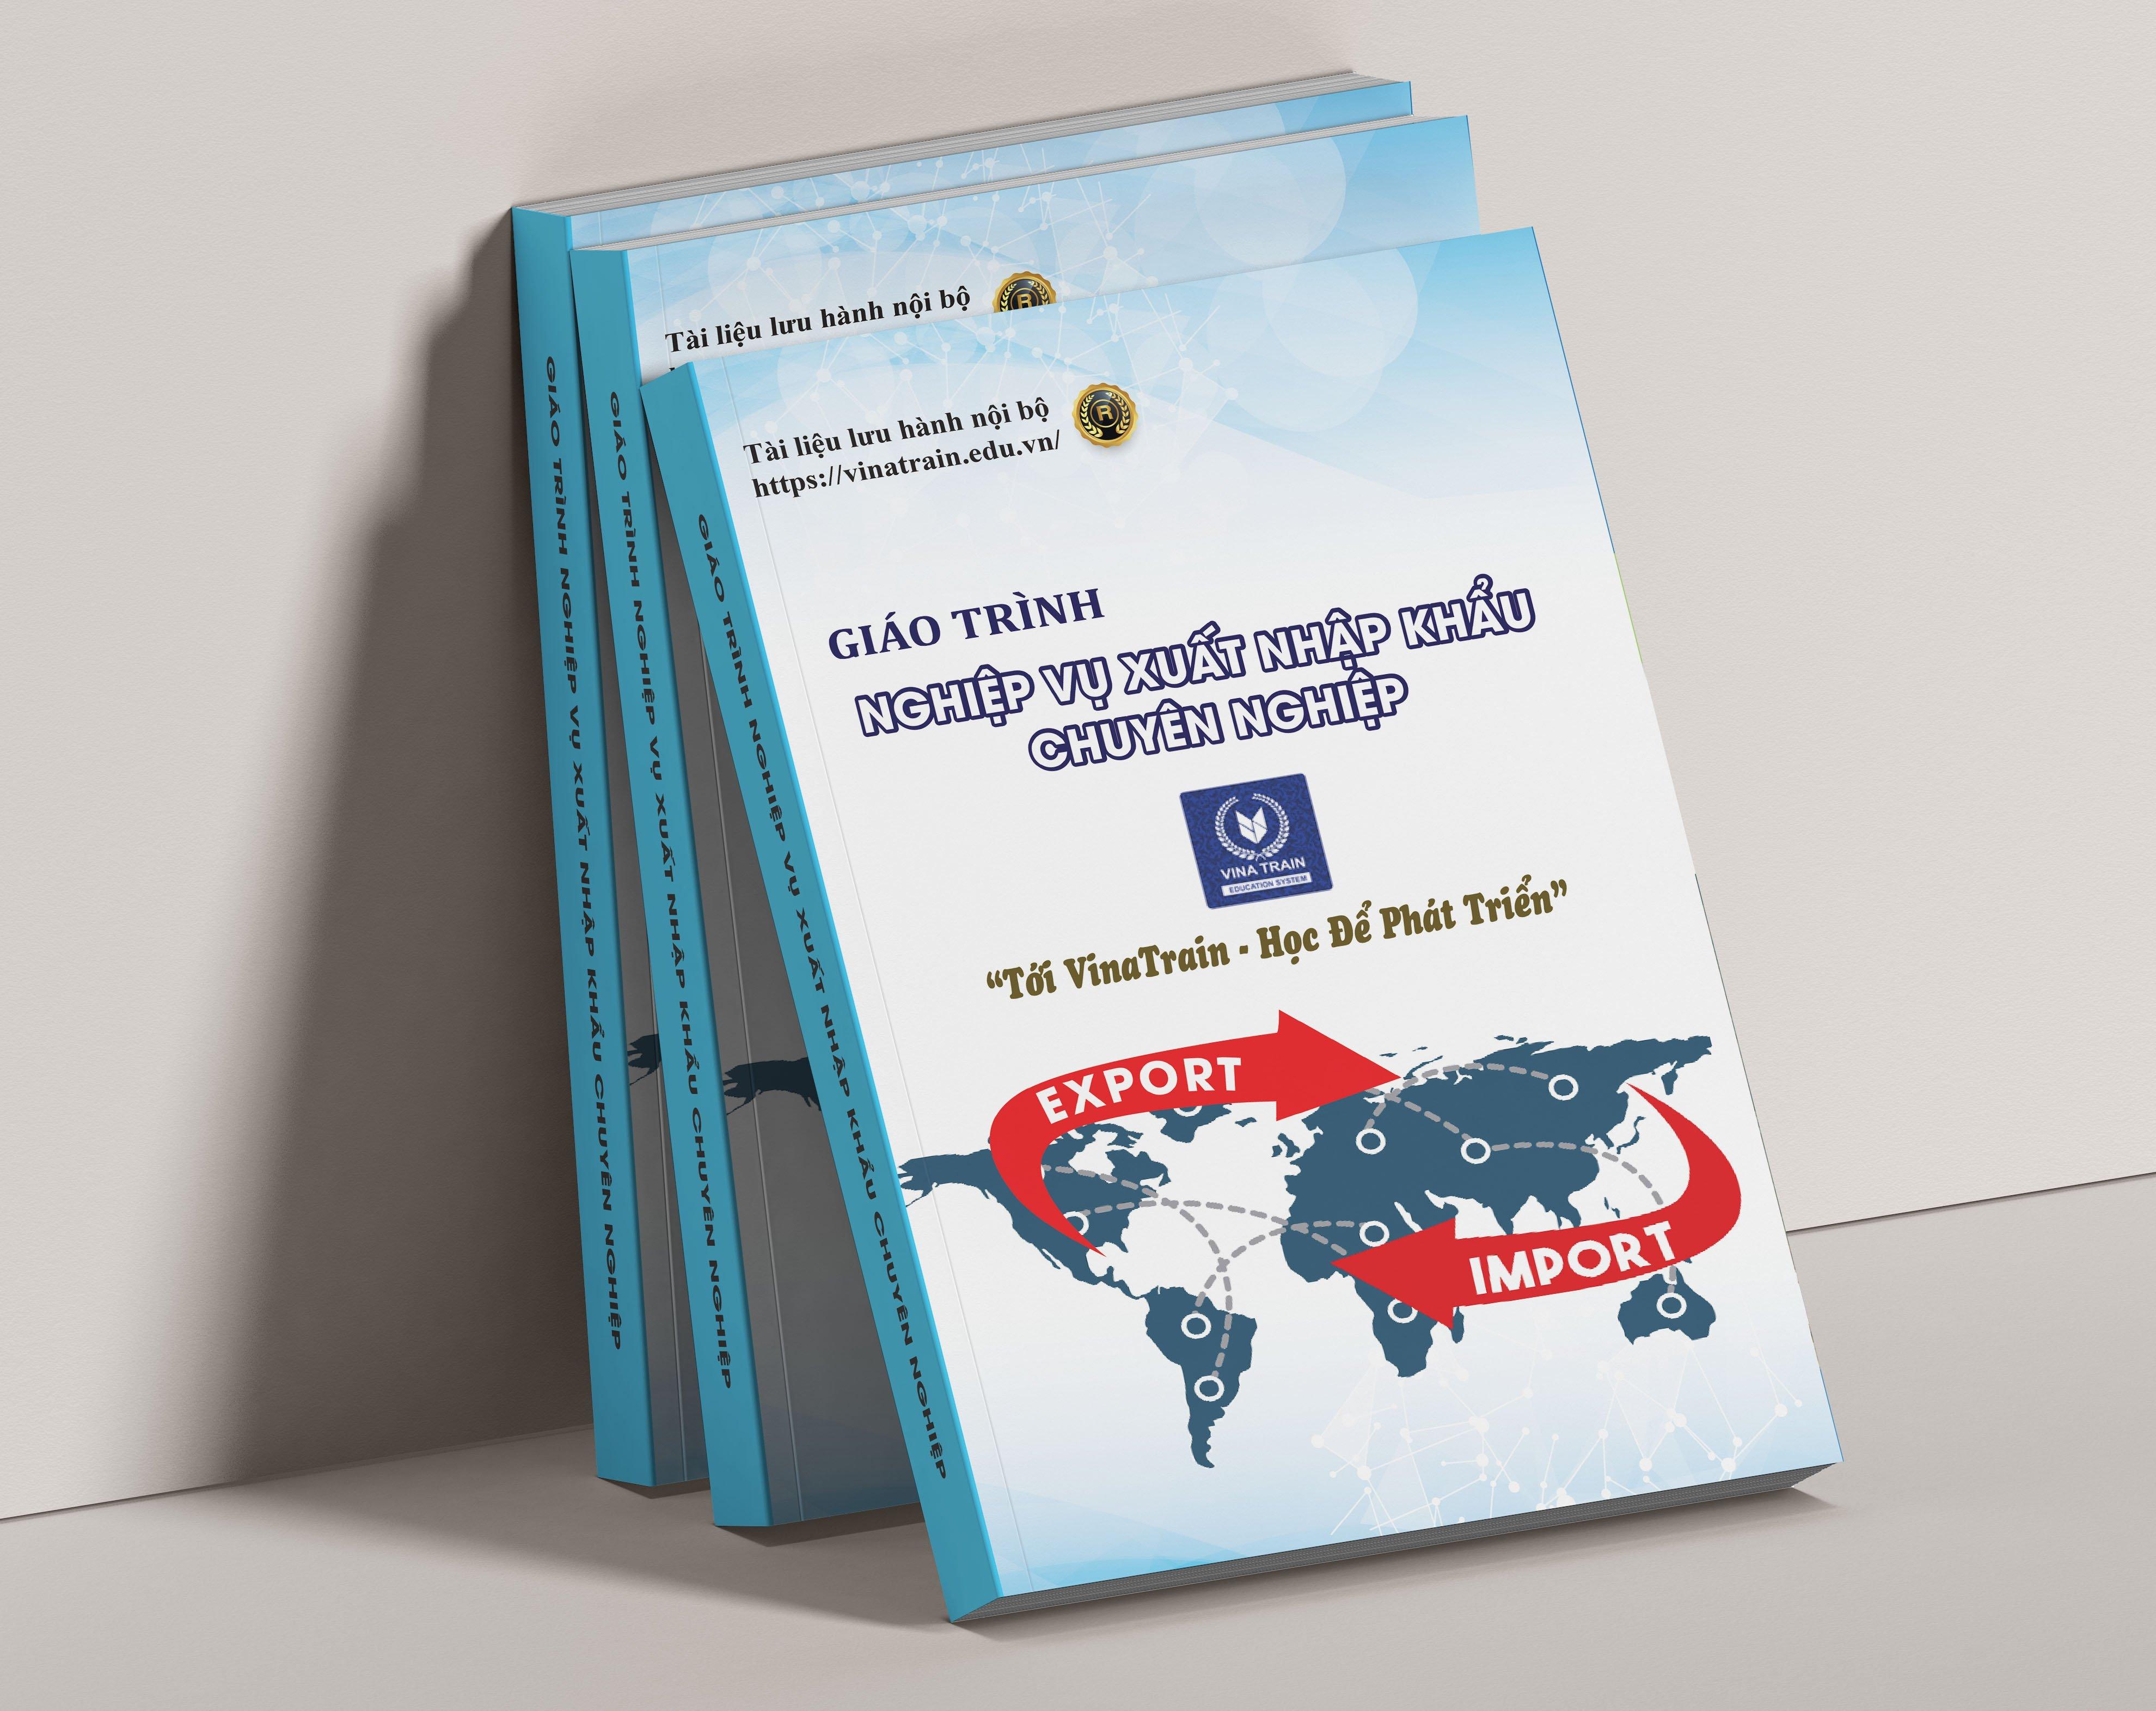 Tài liệu sử dụng tại khóa học xuất nhập khẩu mua hàng quốc tế tại trung tâm VinaTrain